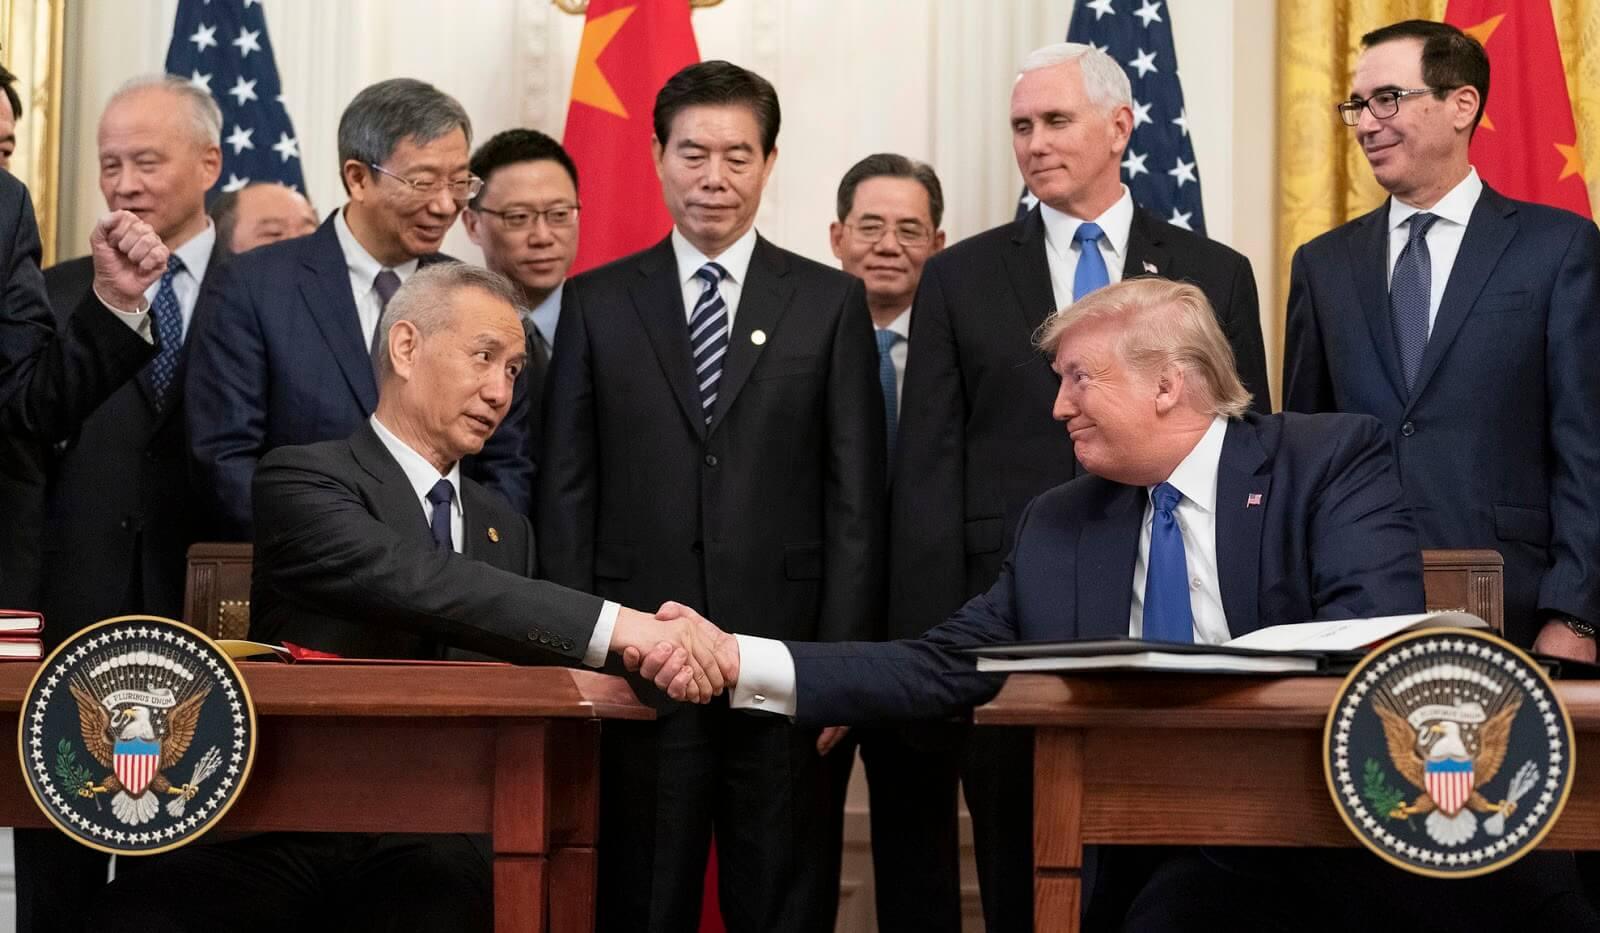 Sur la photo, les présidents chinois et américain se serrent la main. Contenu sur la Chine et les États-Unis.